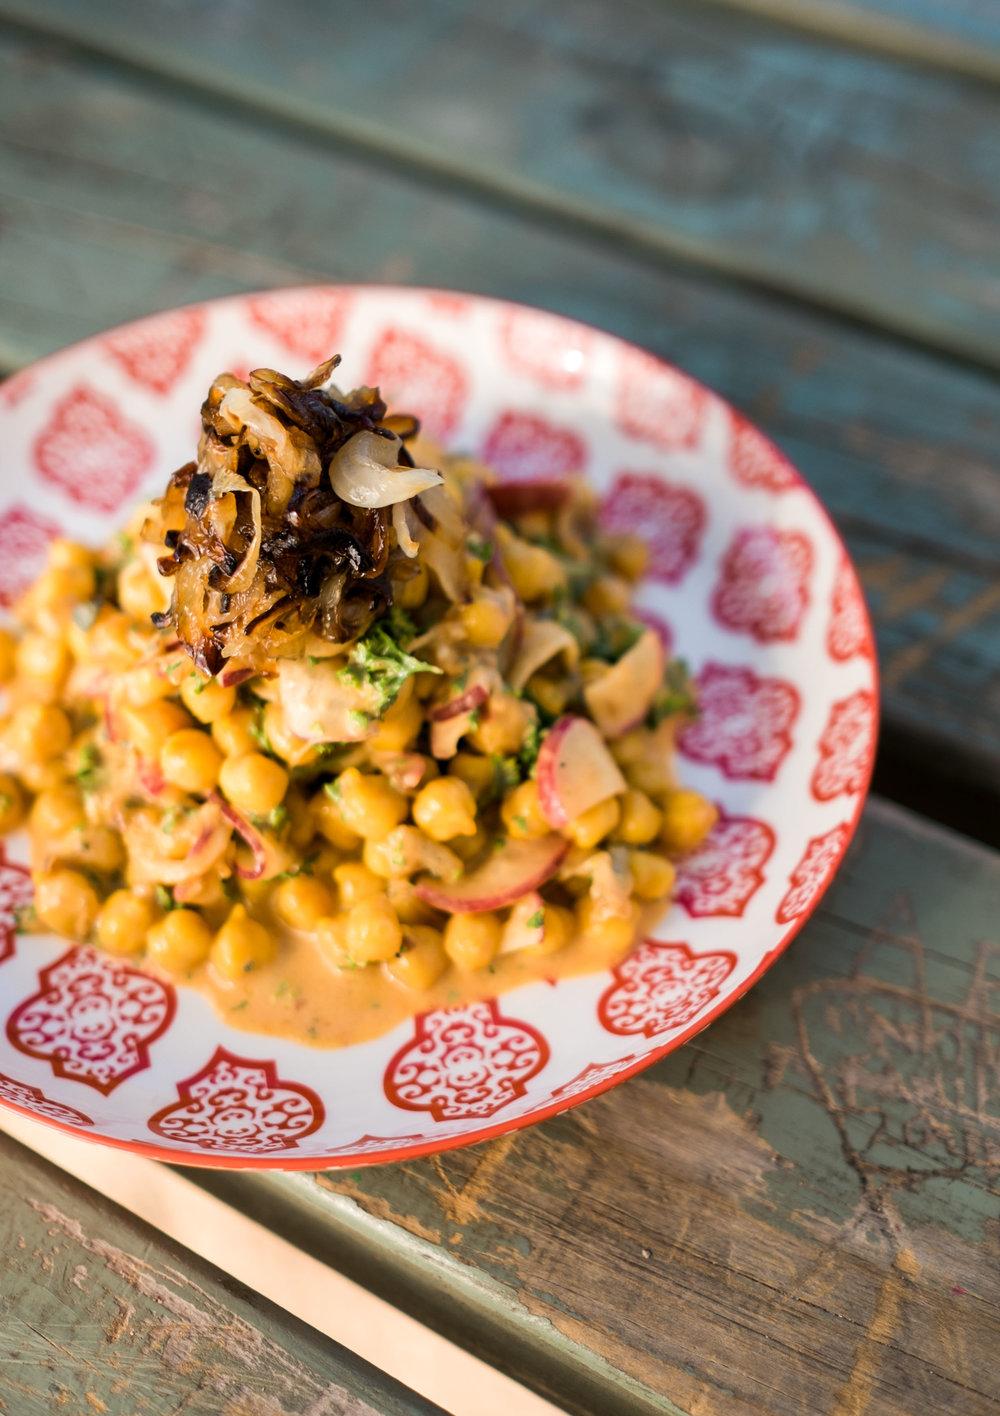 Kichererbsen-Dattel-Salat mit gerösteten Zwiebeln2 Kopie 2.jpg